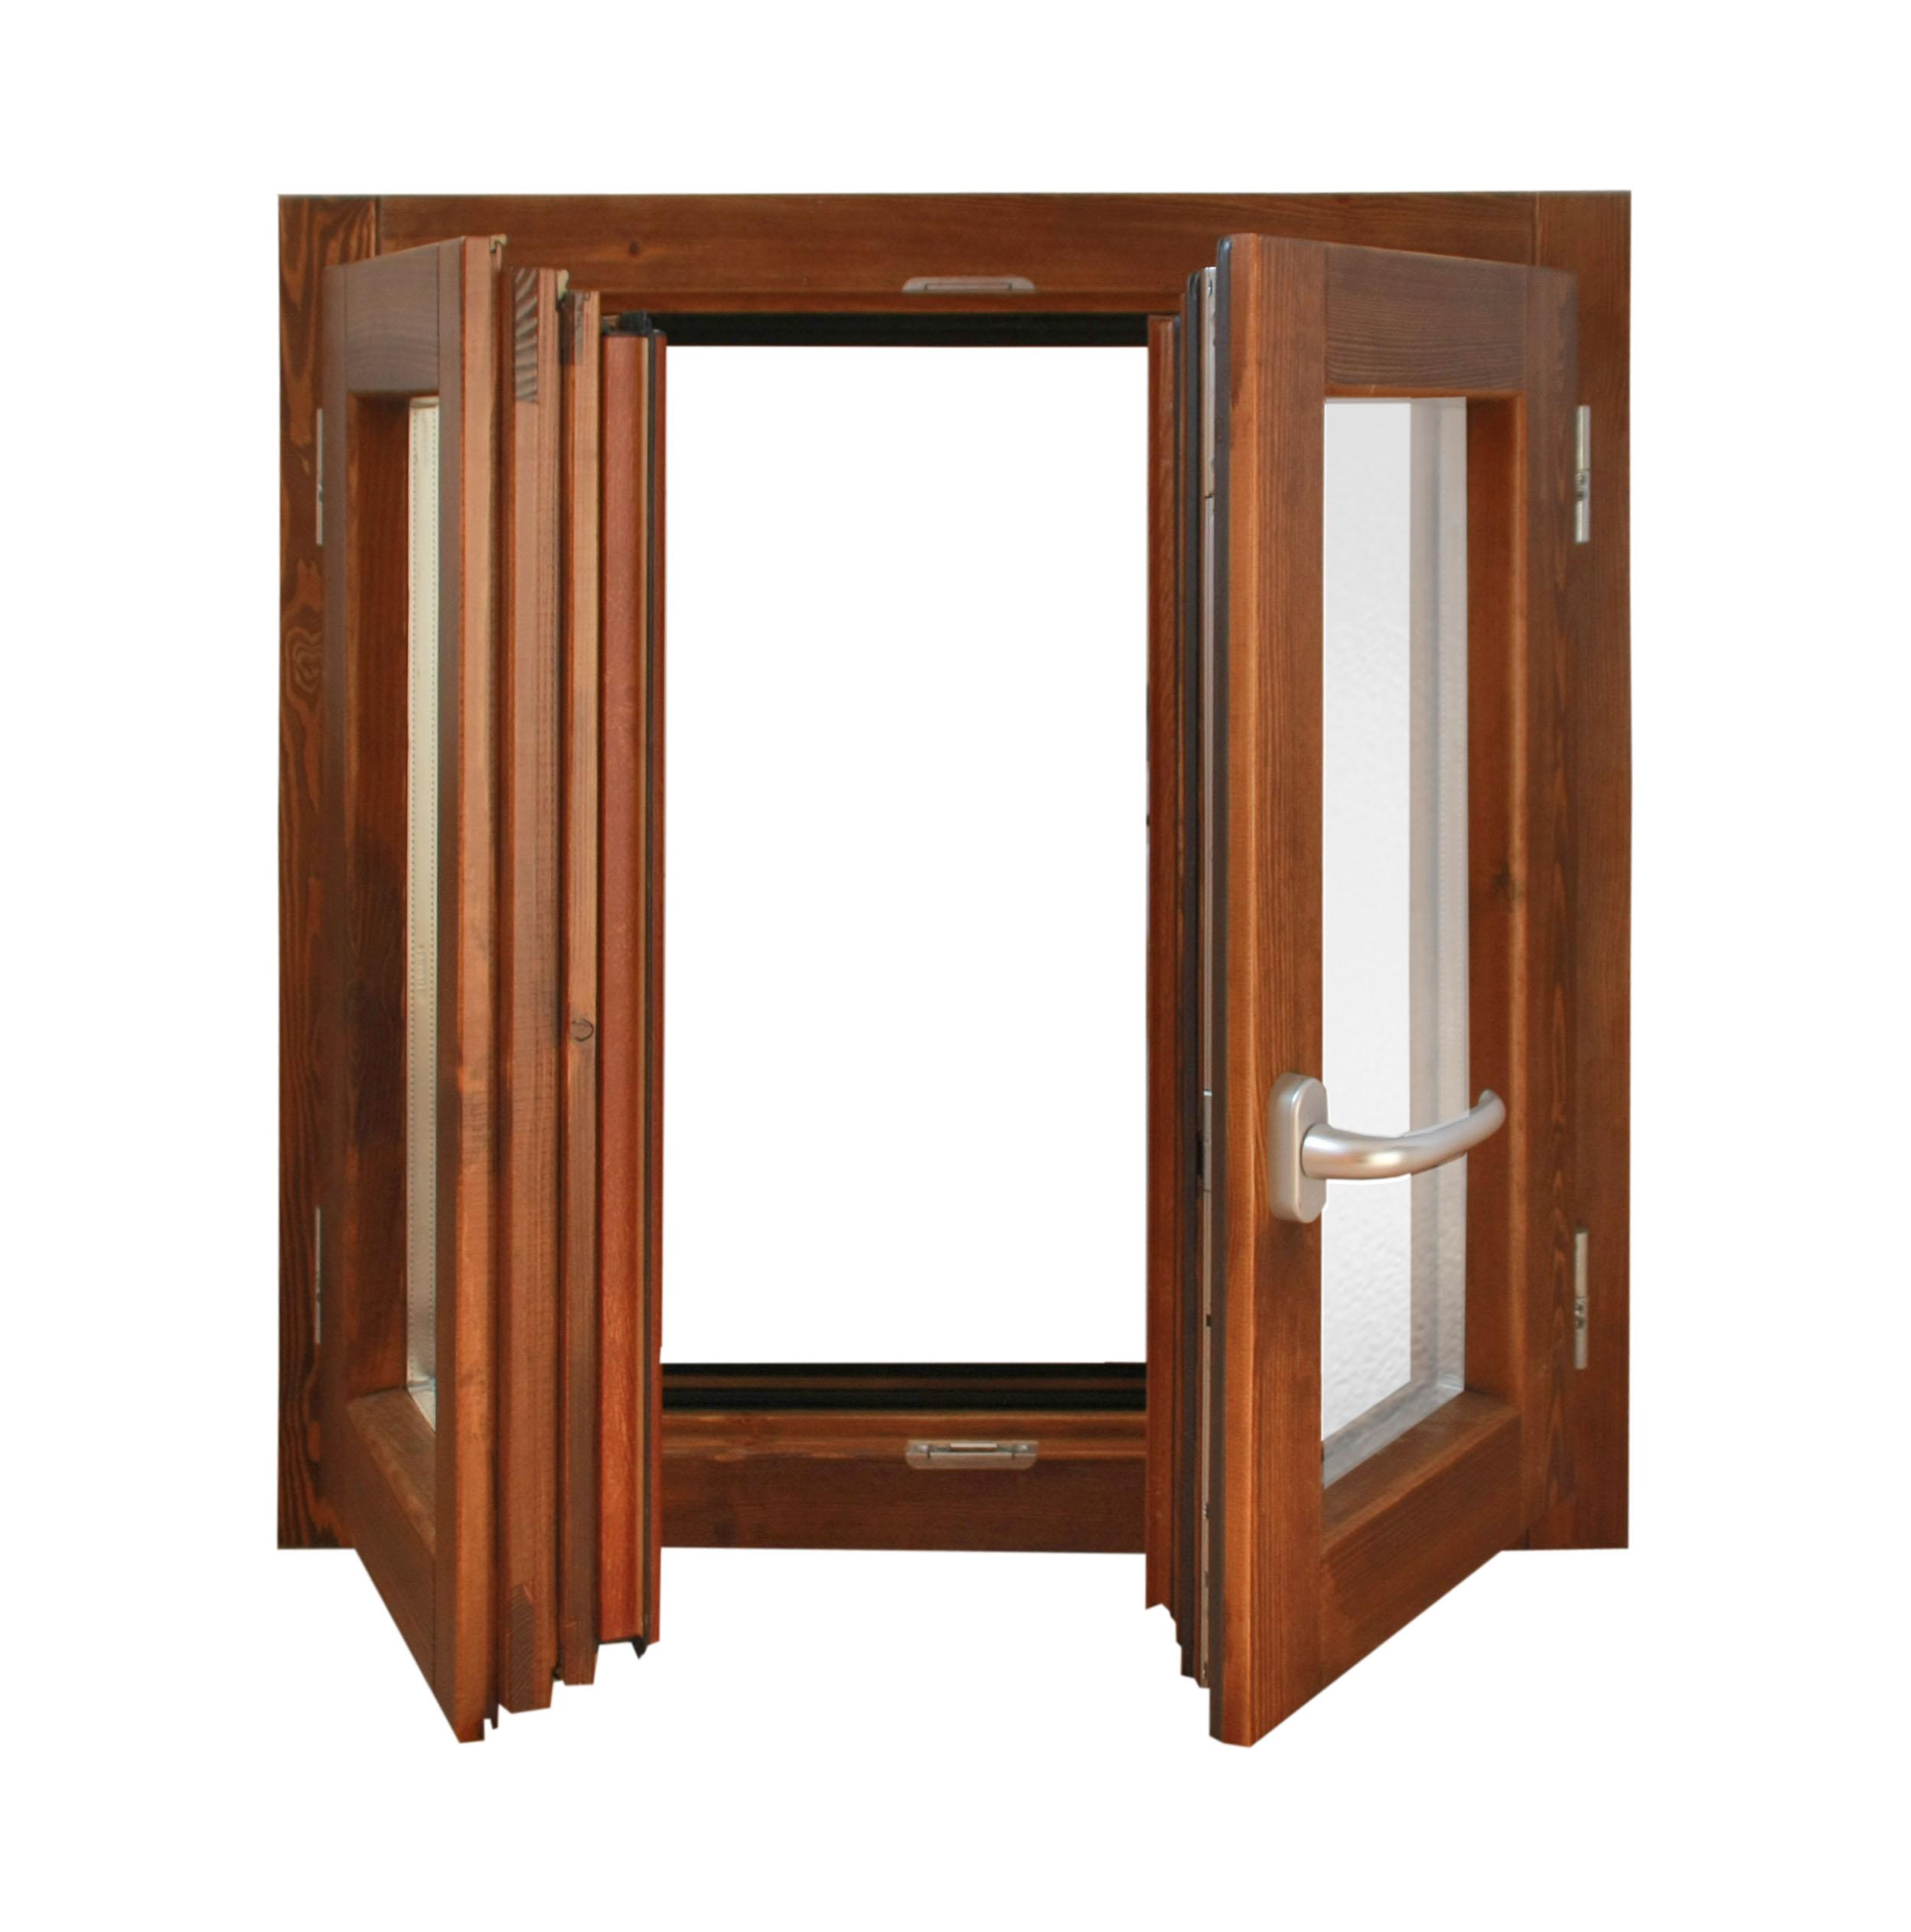 Ventanas mixtas madera aluminio images - Ventanas madera precios ...